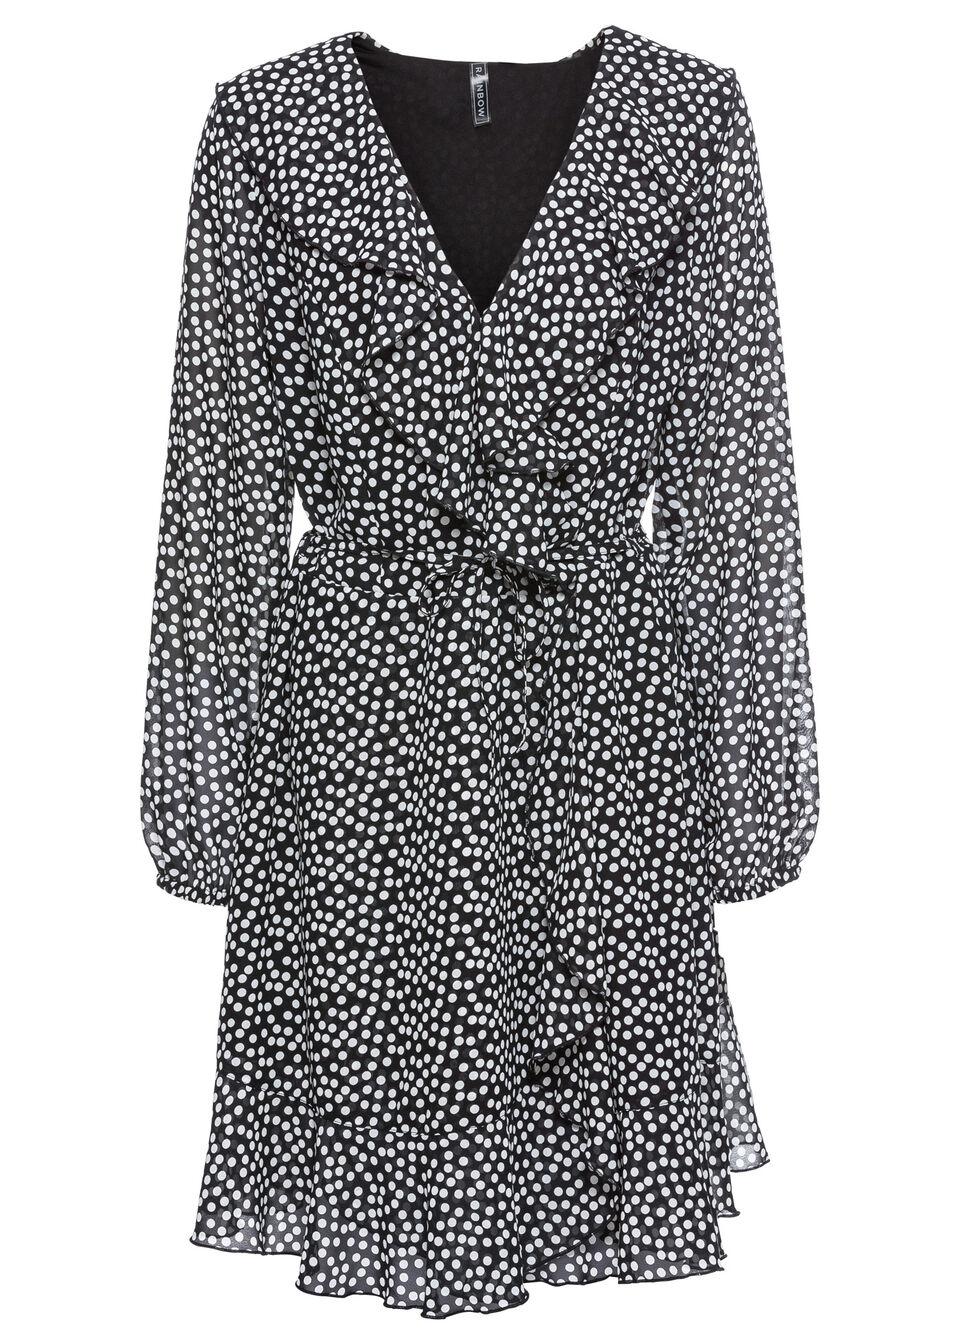 Купить Платье с эффектом запаха и воланами, bonprix, черный/цвет белой шерсти в горошек